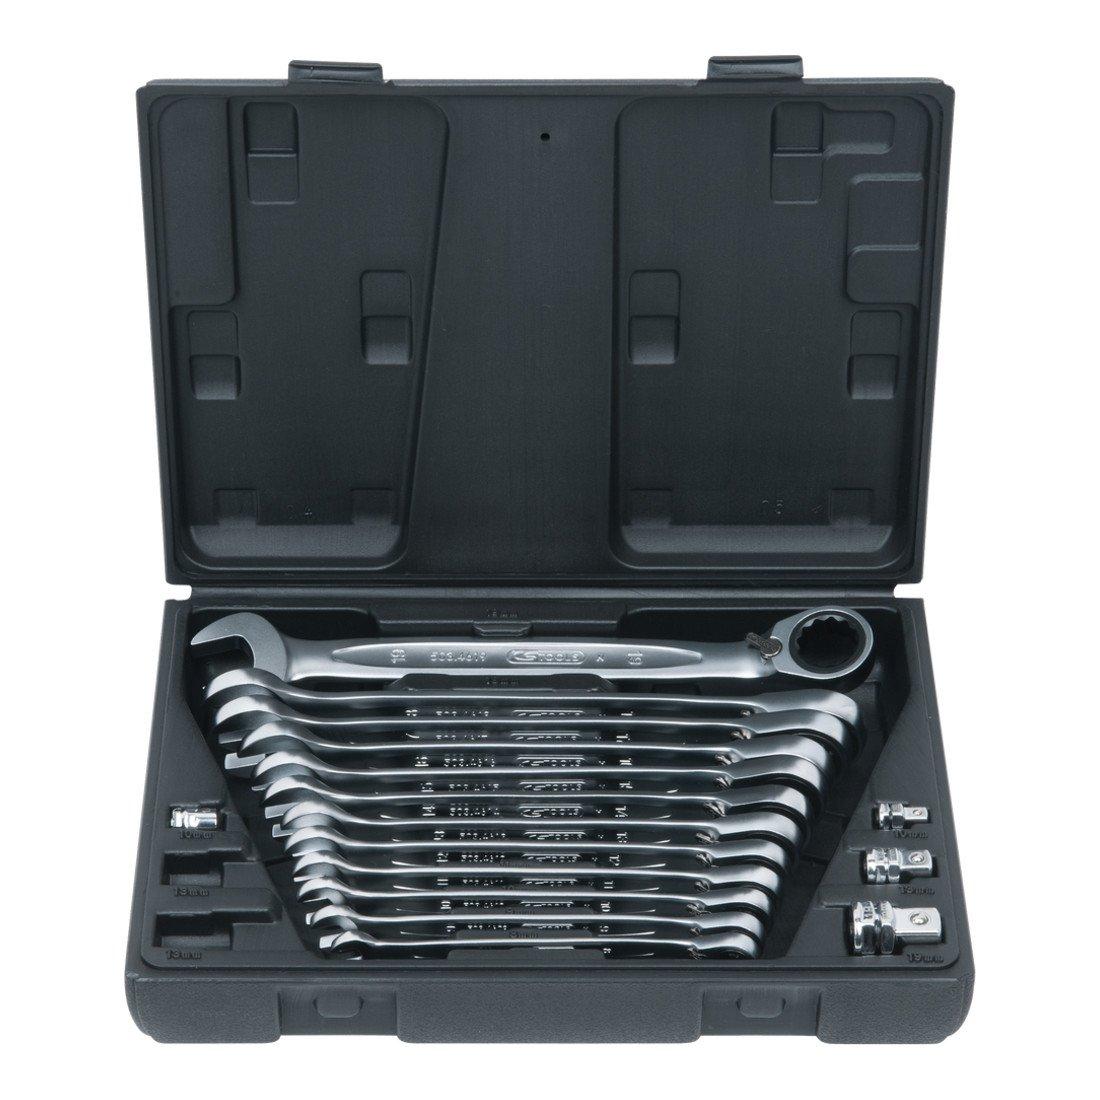 KS TOOLS 503.4666 Coffret clé mixte à cliquet réversible CHROMEplus 16 pcs, 8-19 mm 5034666